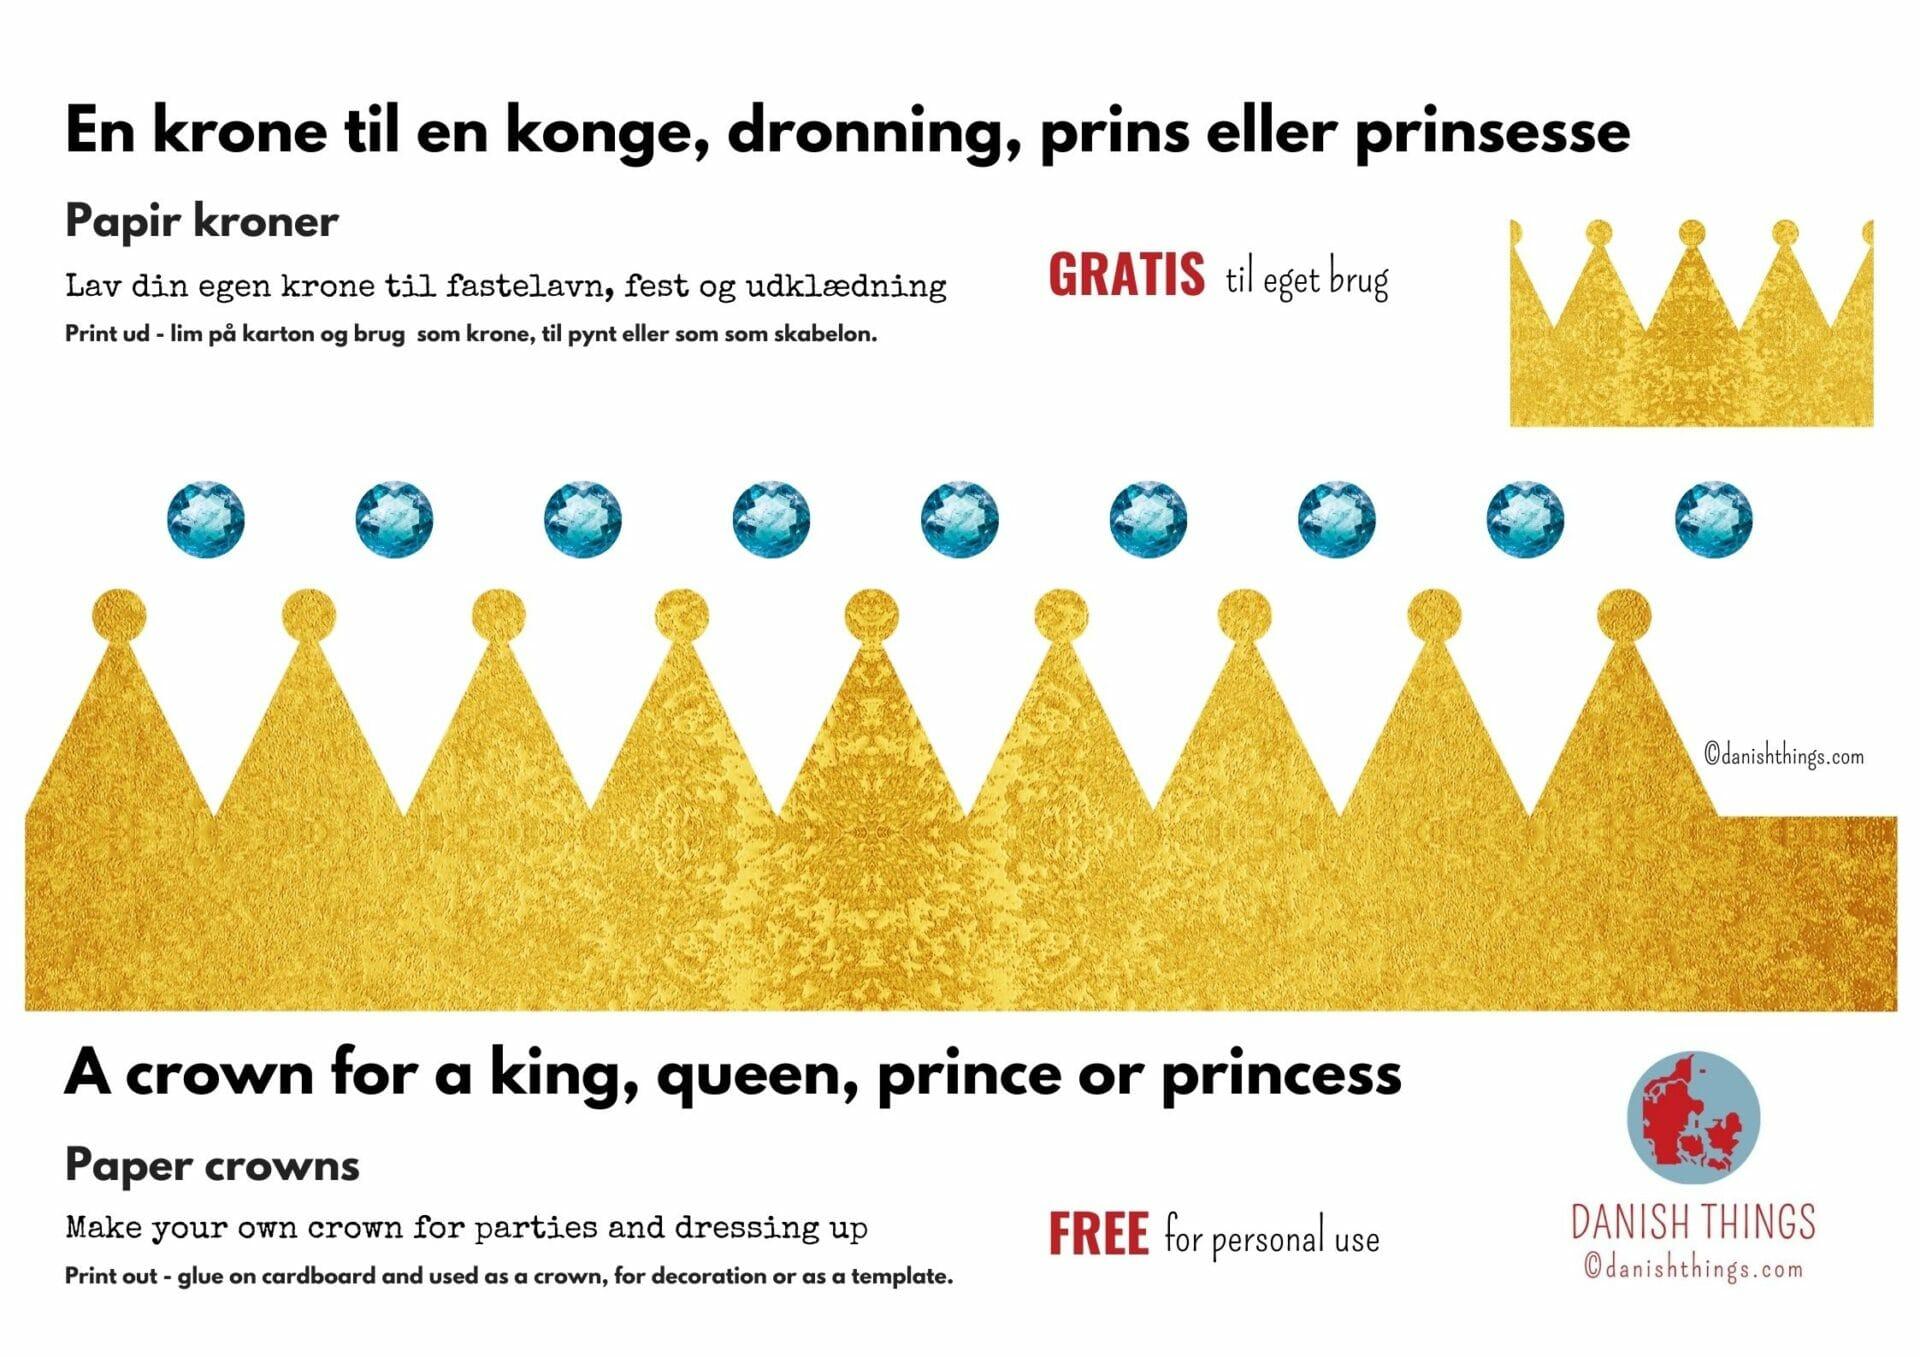 Lav din egen krone til en konge, dronning, prins eller prinsesse. Gratis kroner til dekoration og som skabelon. Skal du slå Katten af tønden, og mangler kronerne? Vil du klæde dig ud eller pynte fastelavnsris? Find kronen til kattekongen og kattedronningen, til prinsen og prinsessen - til nytår eller din fødselsdag. Find flere gratis dekorationer, skabeloner, masker samt opskrifter og inspiration her på danishthings.com © Christel Parby Danish Things  #DanishThings #fastelavn #krone #kongekrone #dronningekrone #prinsekrone #prinsessekrone #fastelavnskrone #dekoration #fastelavnsris #fastelavnstønde #gratis #skabelon #fastelavnsdekoration #udklædning #marsvin #kattekonge #kattedronning #konge #dronning #prins #prinsesse